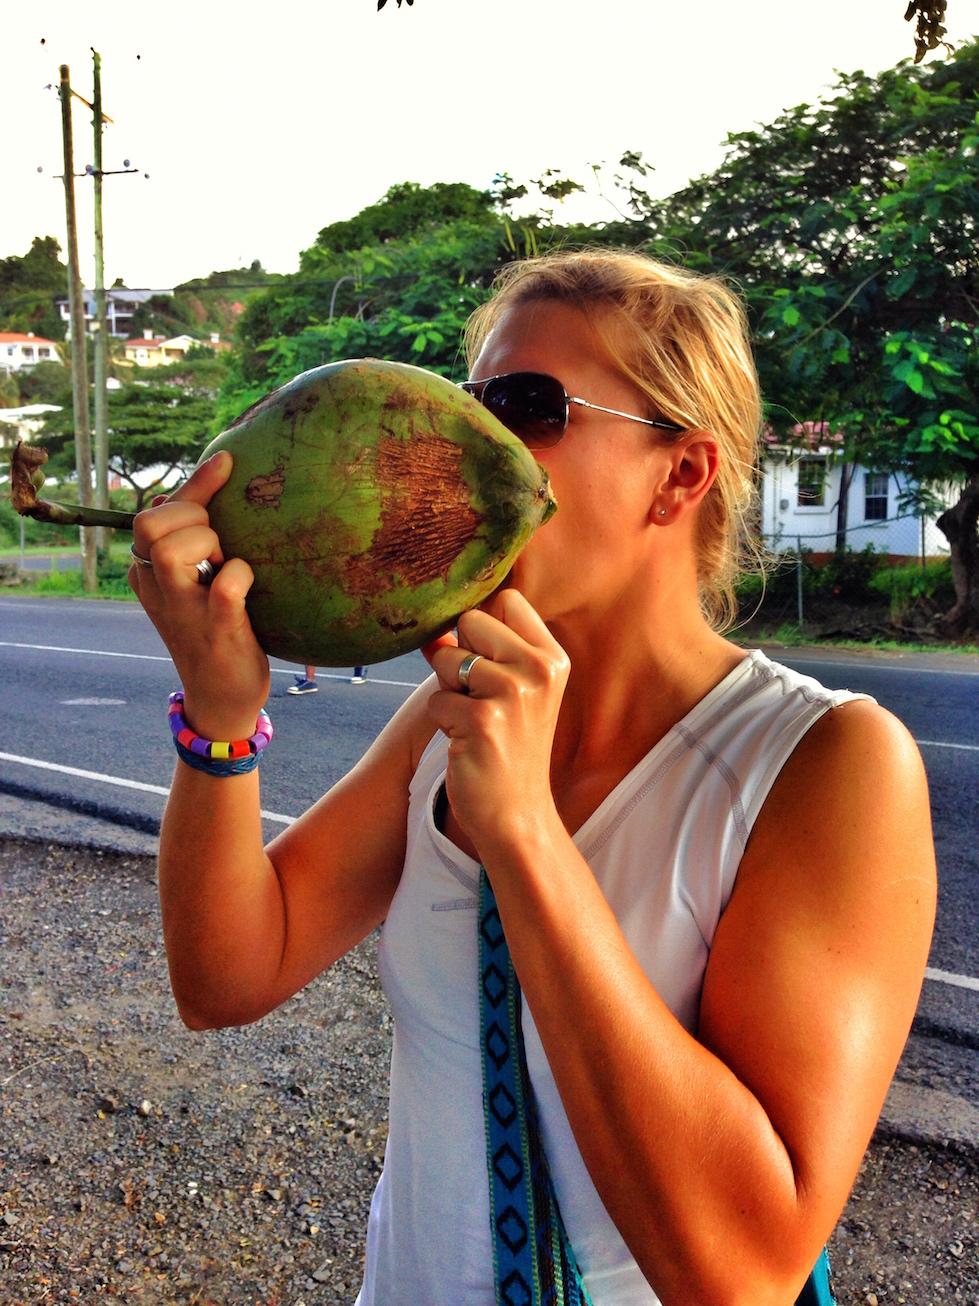 Kokosvatten, finns inget bättre!!!